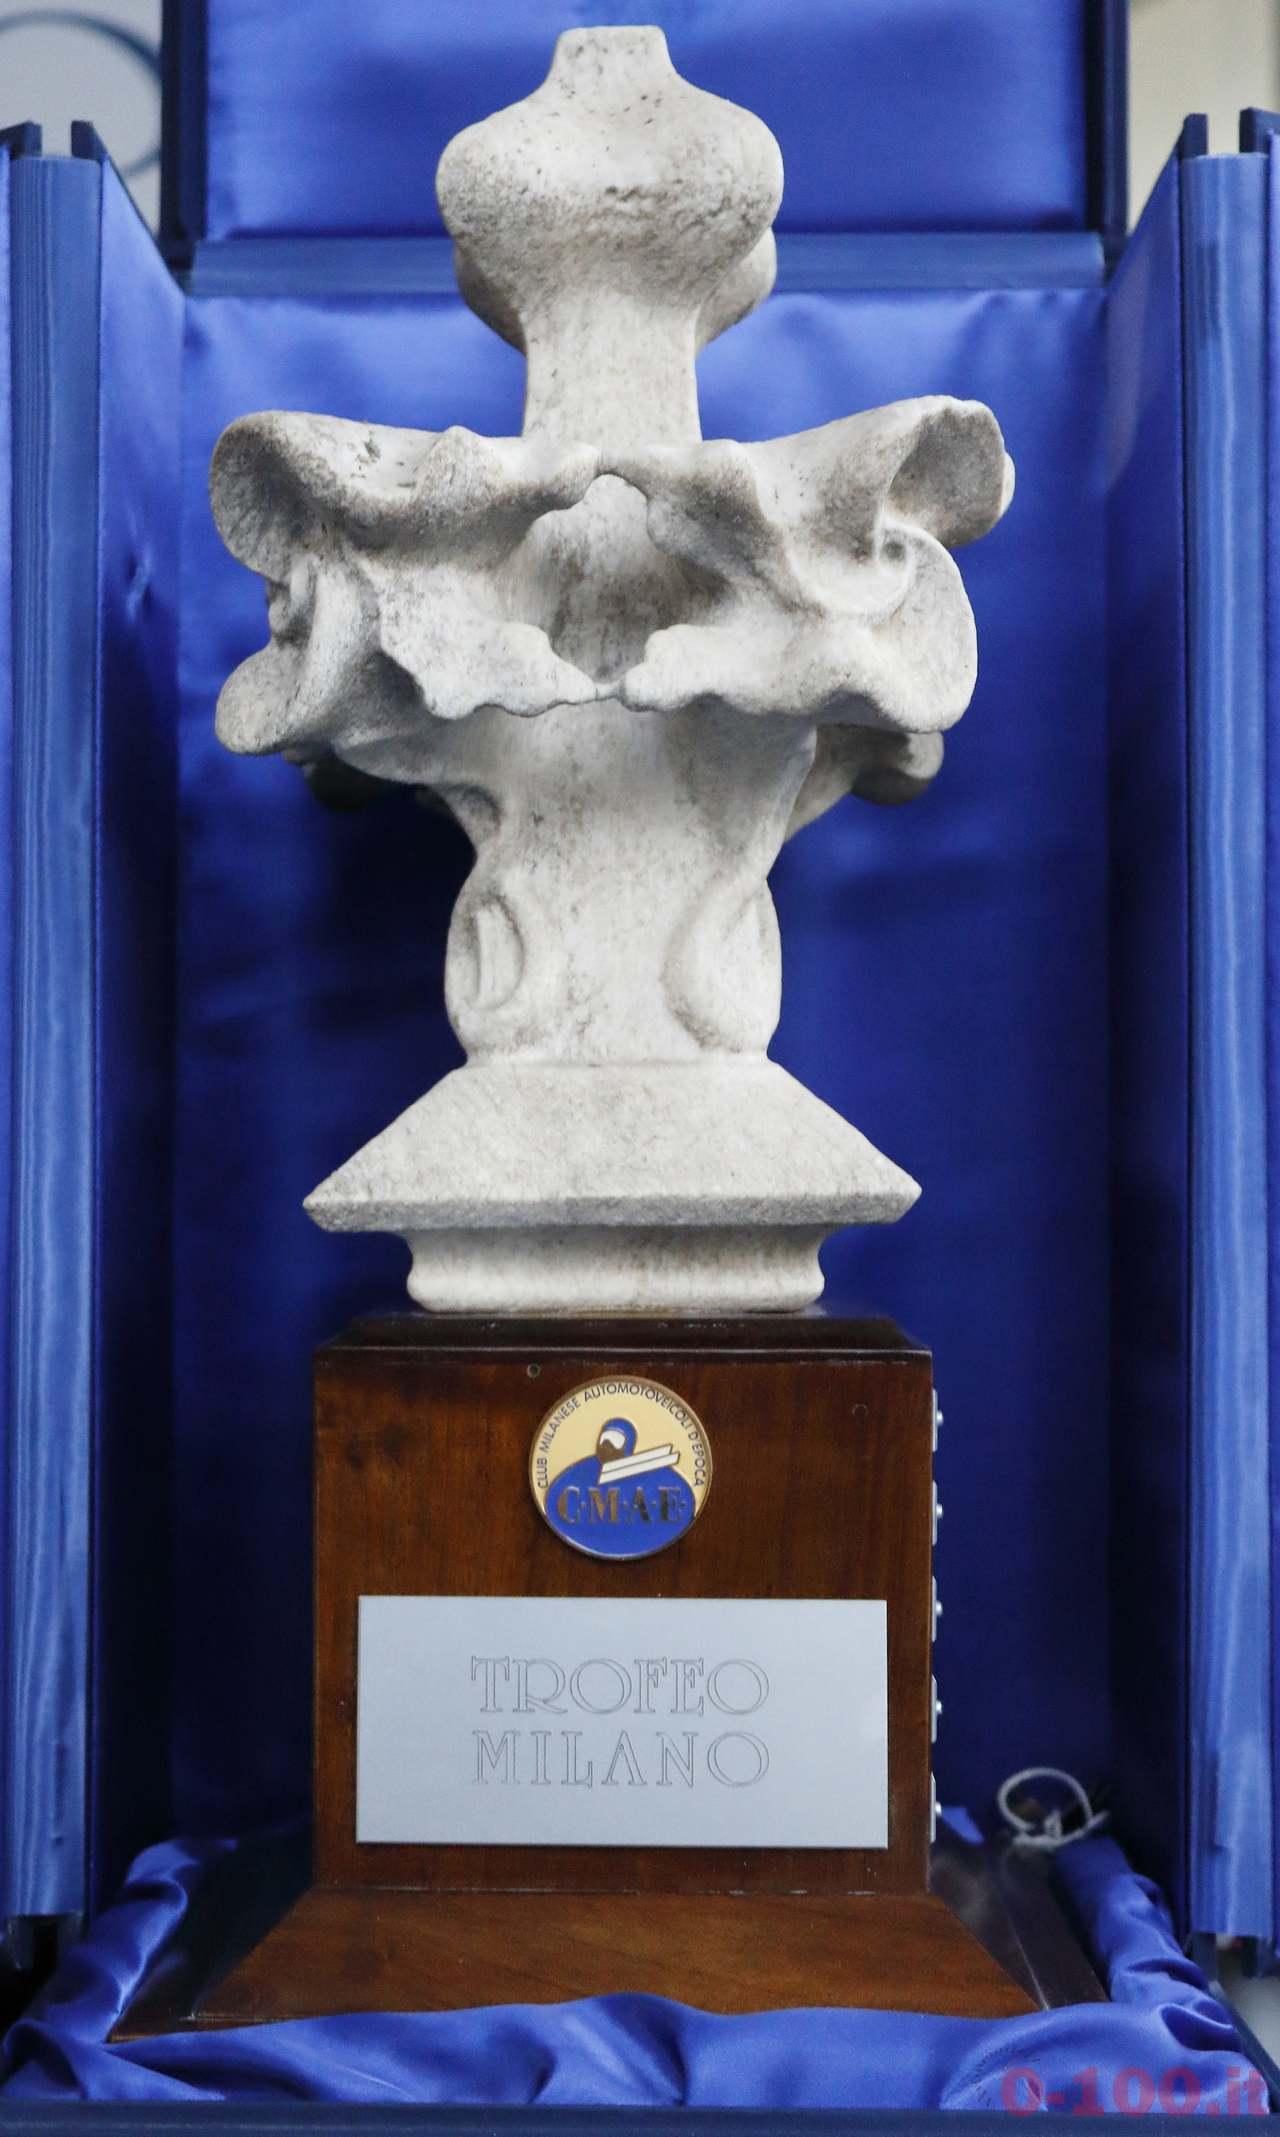 cmae-trofeo-milano-2015-vittoria-di-alexia-giugni-e-caterina-leva-su-lancia-appia-zagato-gte-del-1959_0-1004